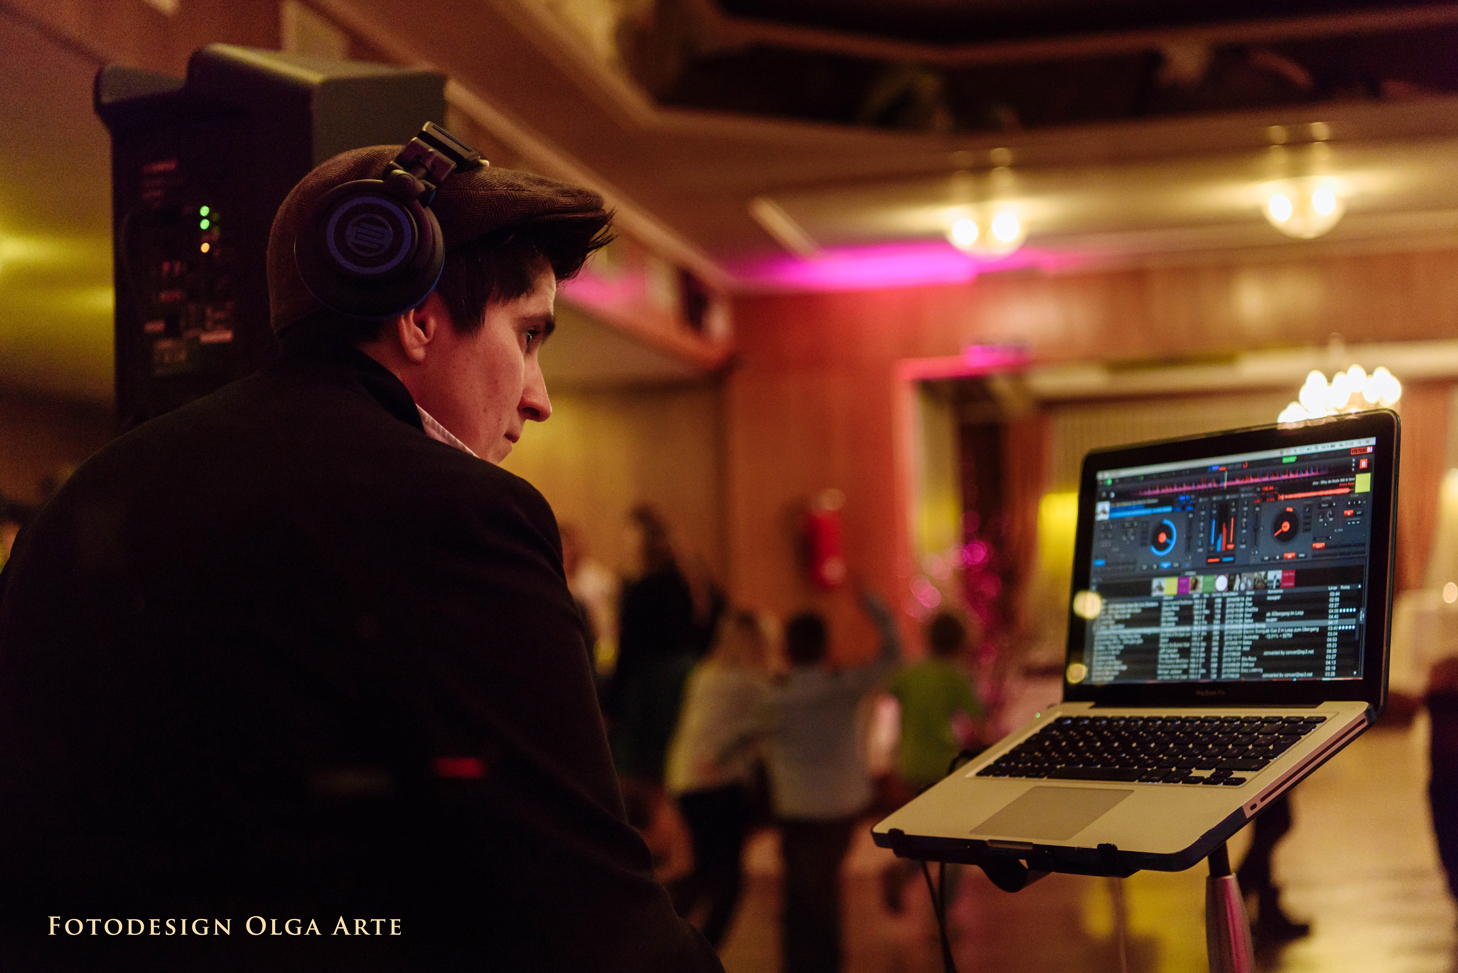 DJane Denise L' auf einer Hochzeitsparty / Pic by Olga Arte